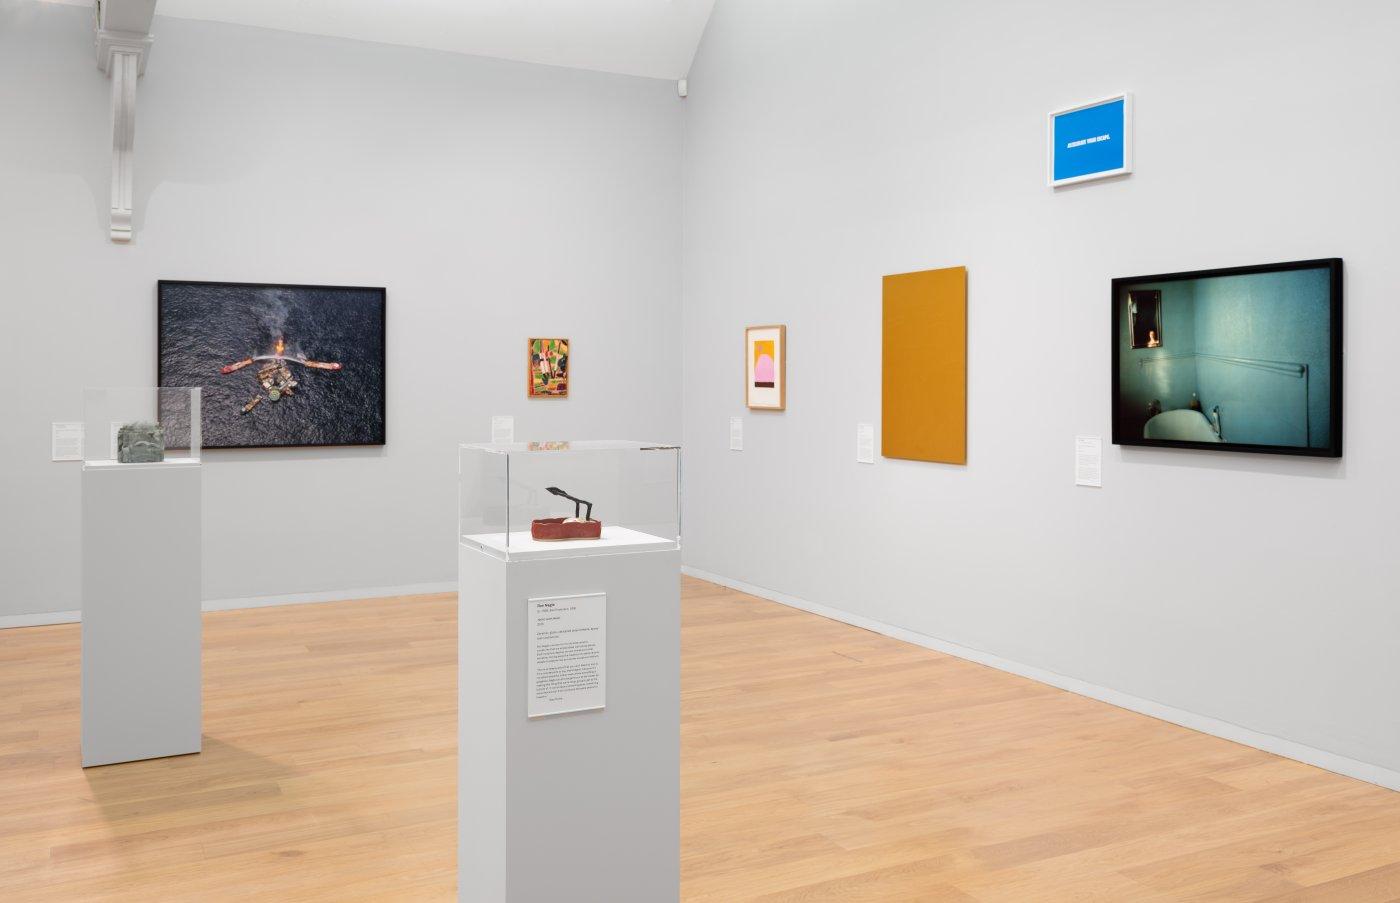 Whitechapel Gallery Gary Hume Hiscox 6